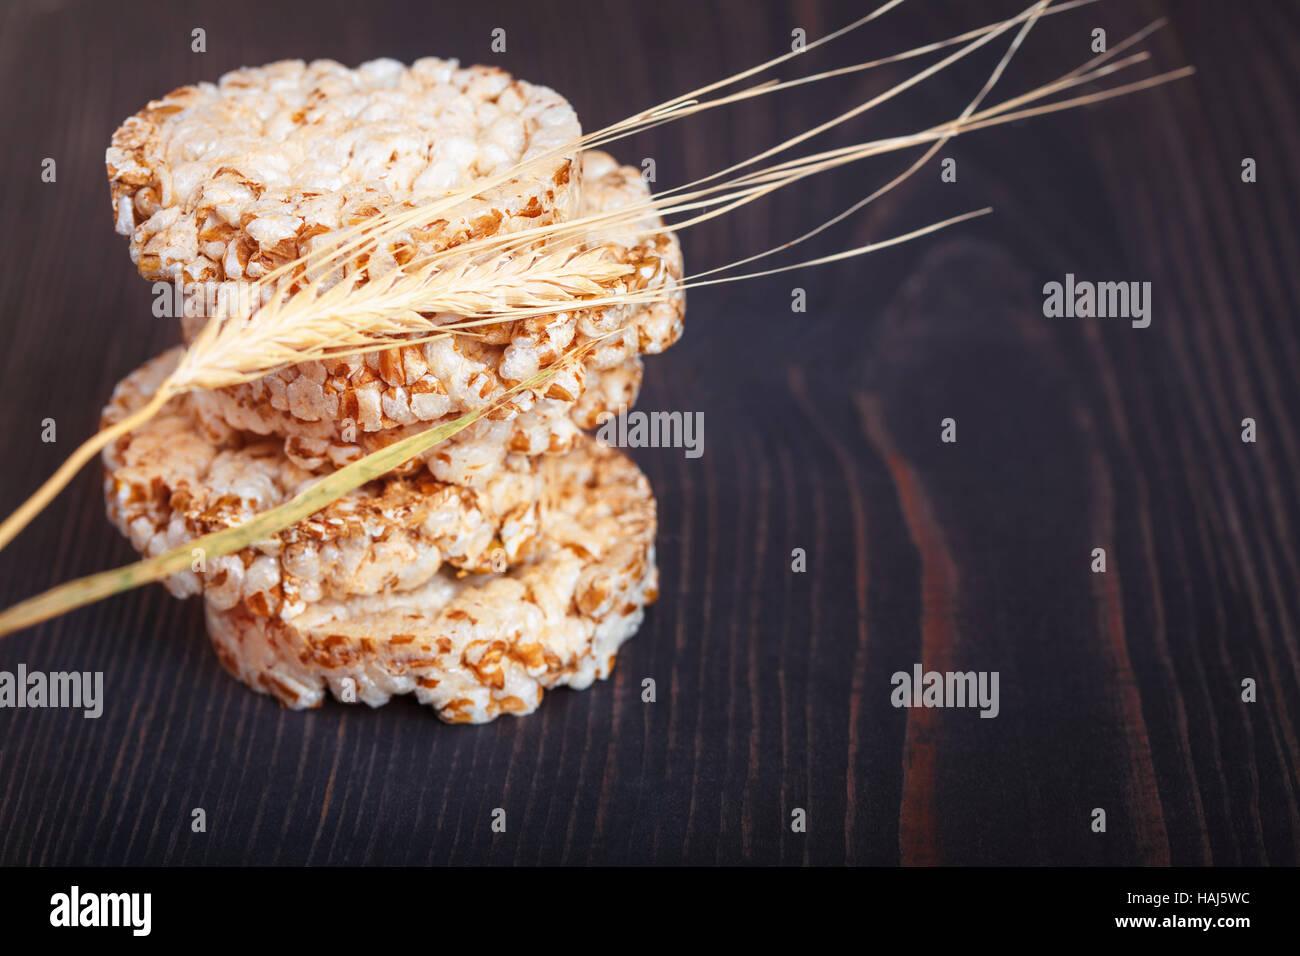 Un régime alimentaire faible apport calorique sur craquelins de grains d'un fond de bois foncé Photo Stock